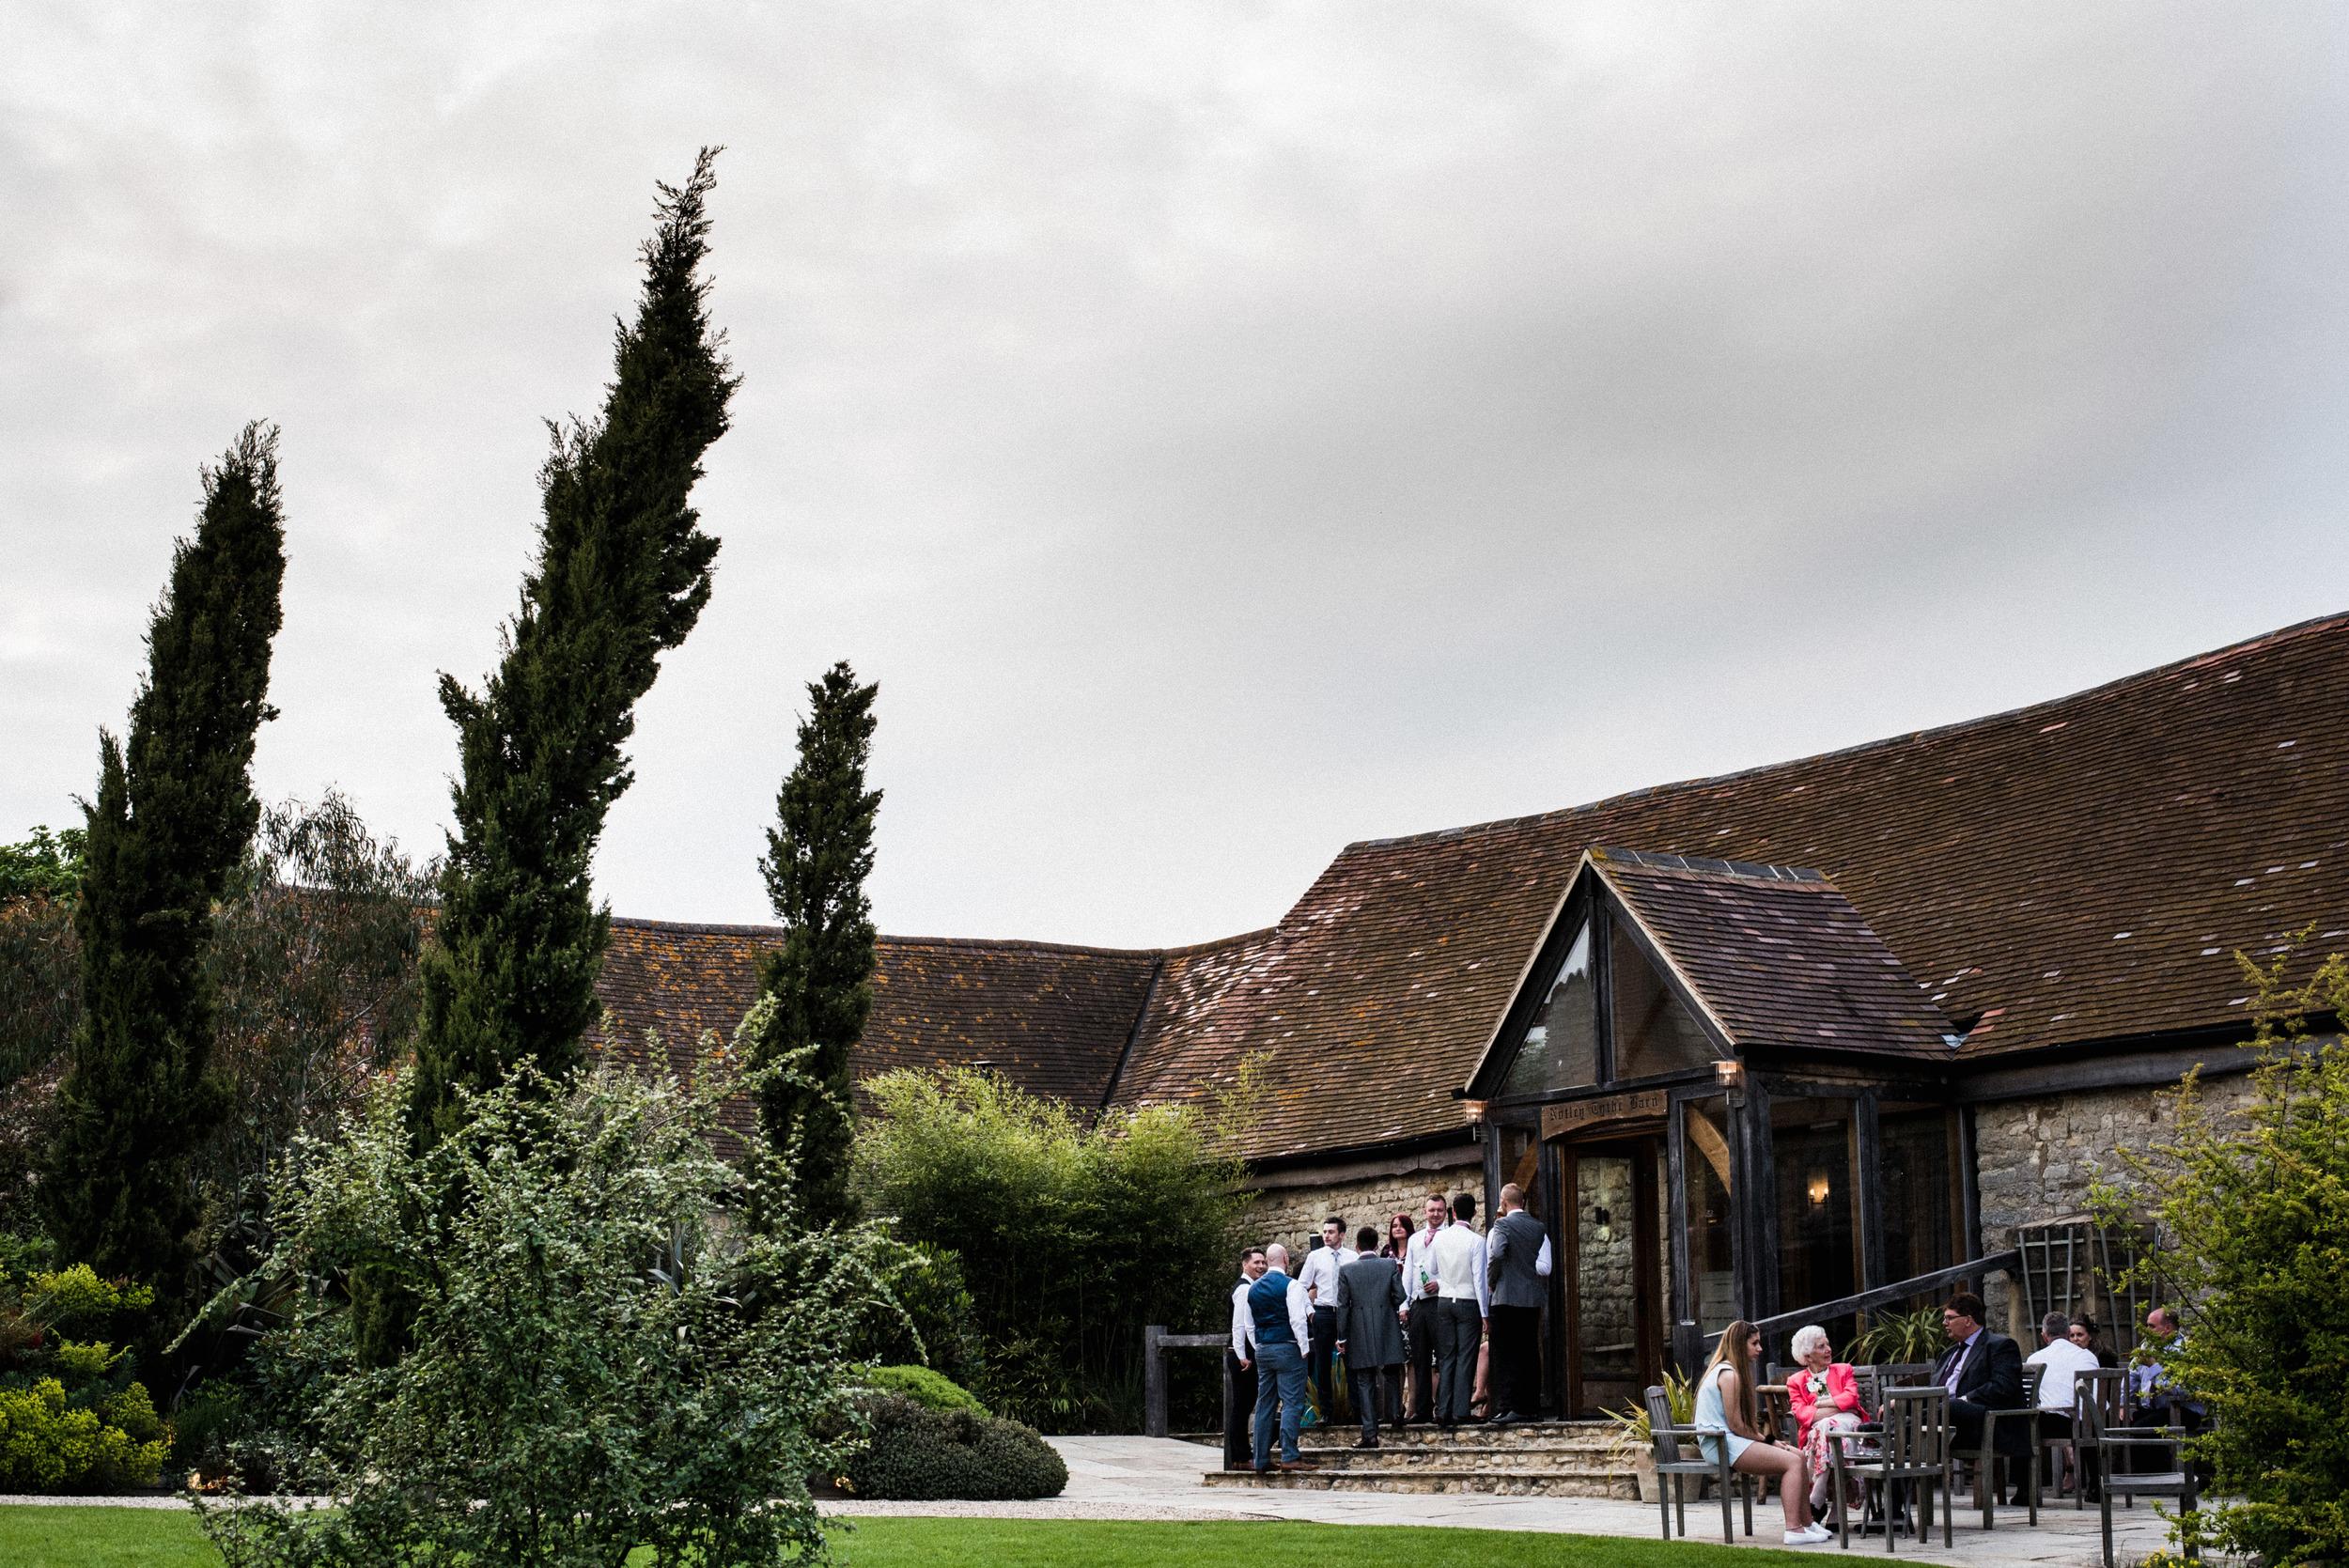 Notley tythe Barn - Kathryn & Paul-337.jpg